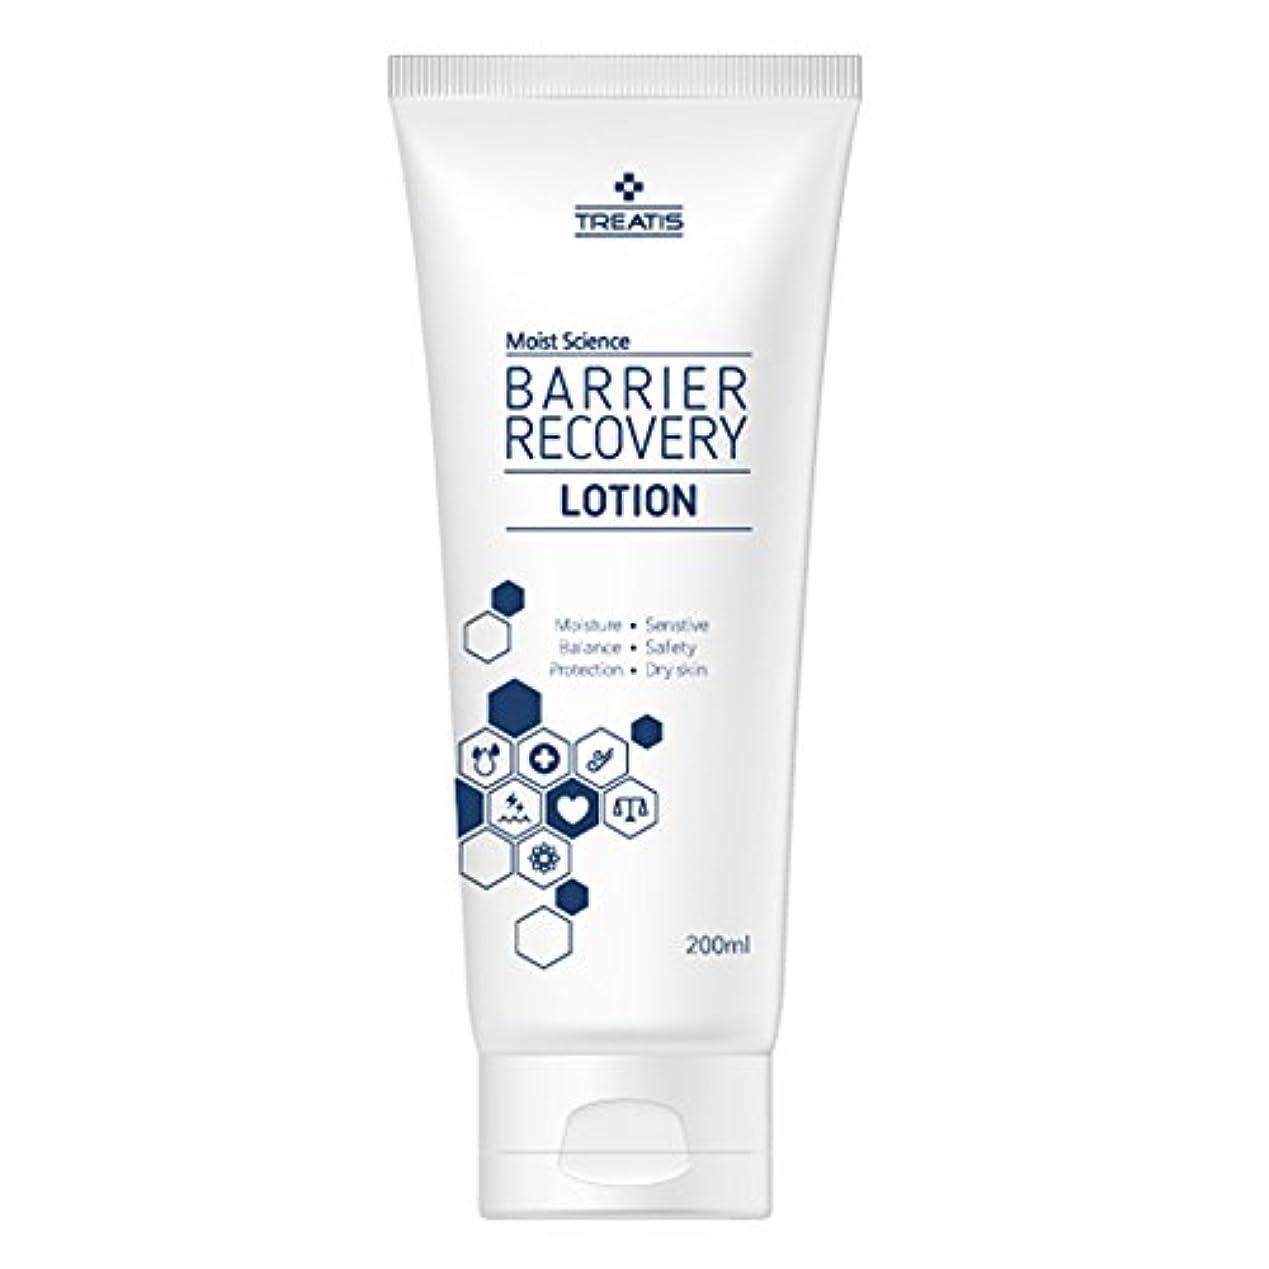 ケーブルカー拡大する個人Treatis barrier recovery lotion 7oz (200ml)/Moisture, Senstive, Balance, Safty, Protection, Dry skin [並行輸入品]